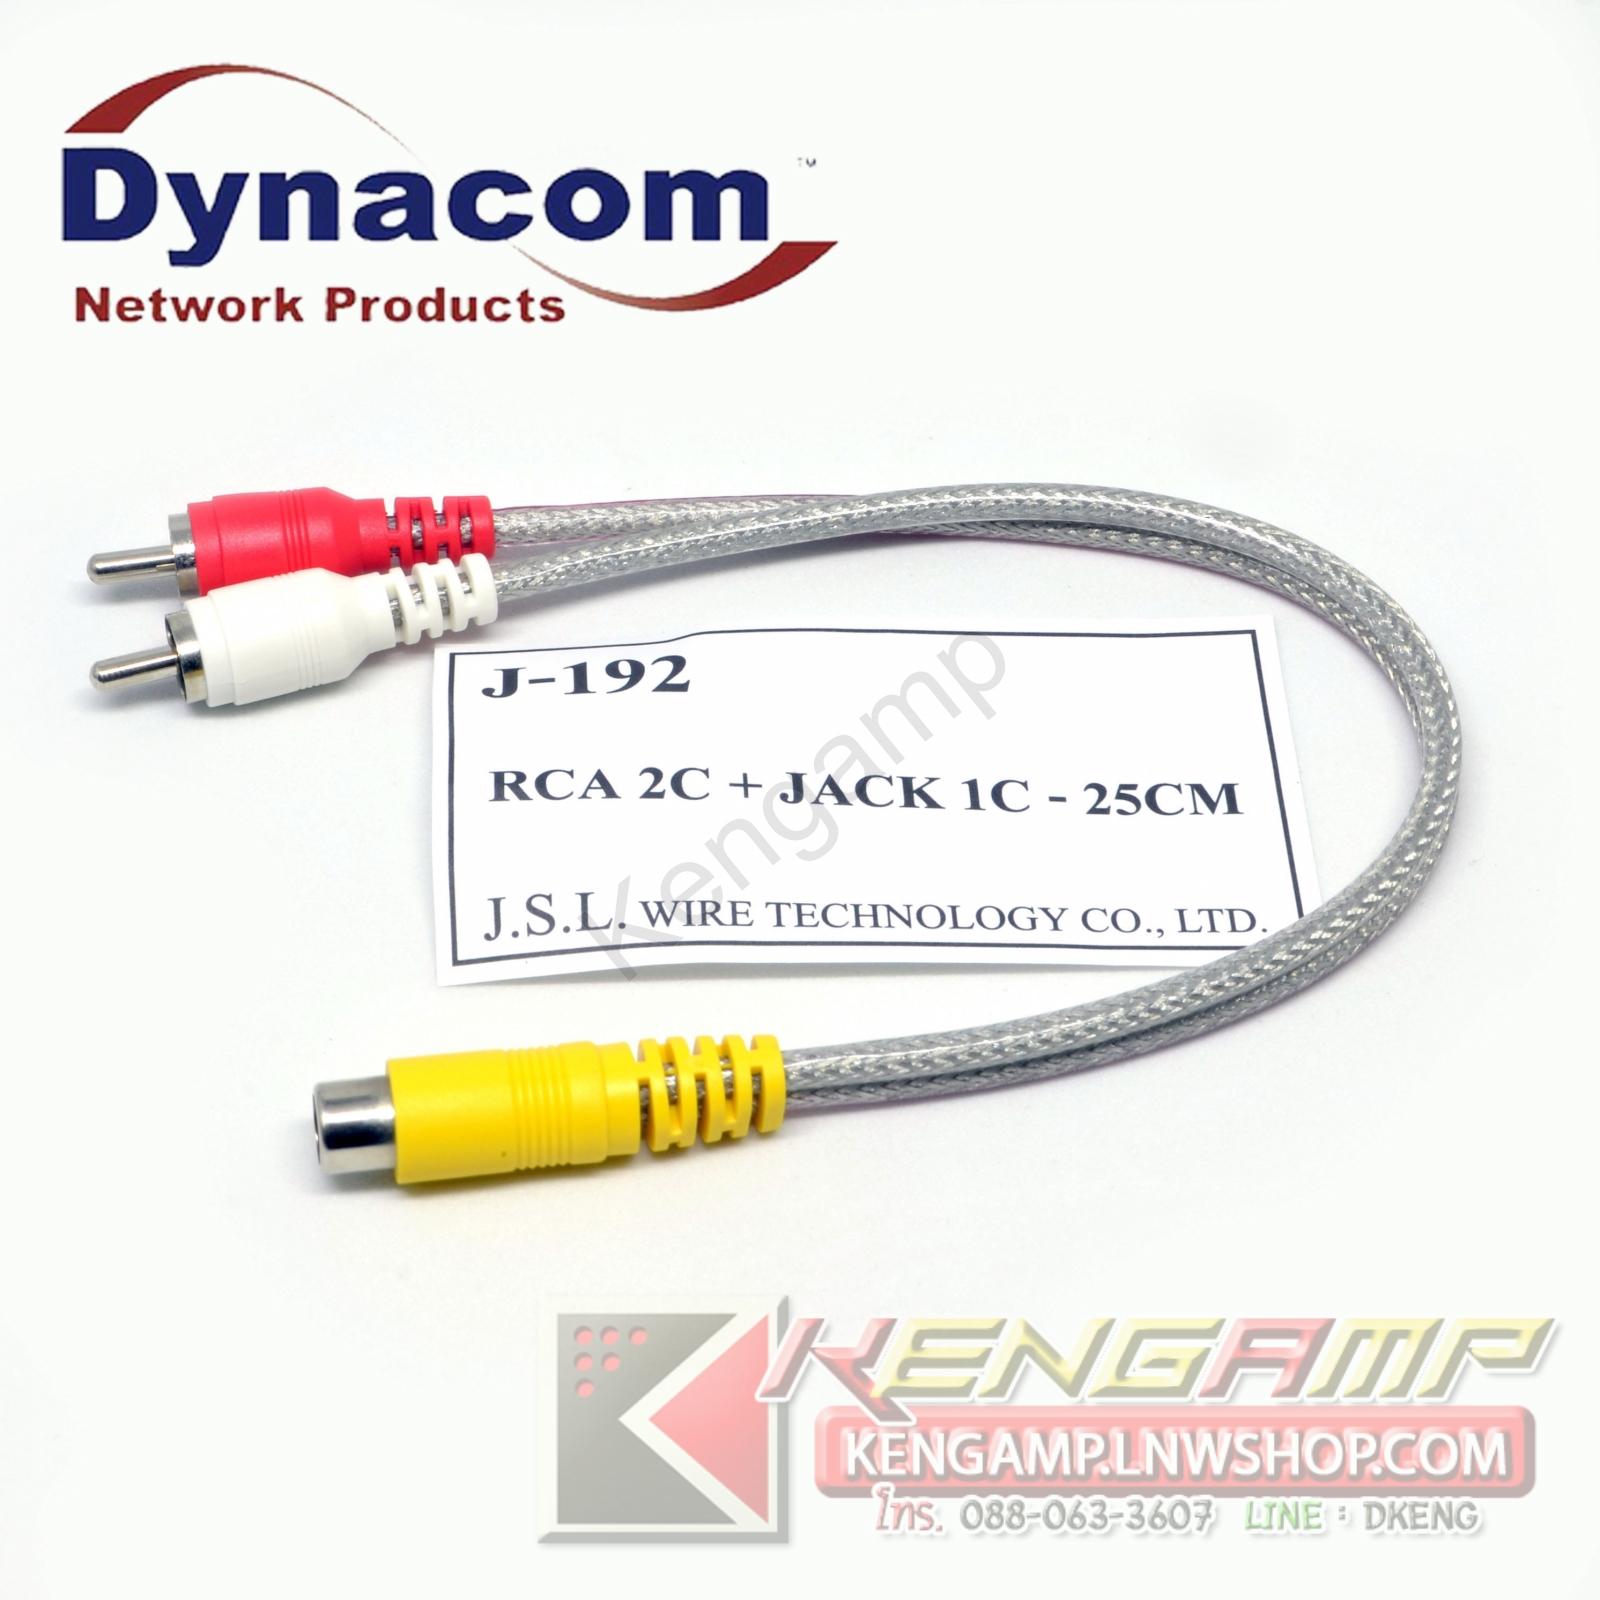 J-192 RCA 2C + JACK 1C (25CM) Dynacom